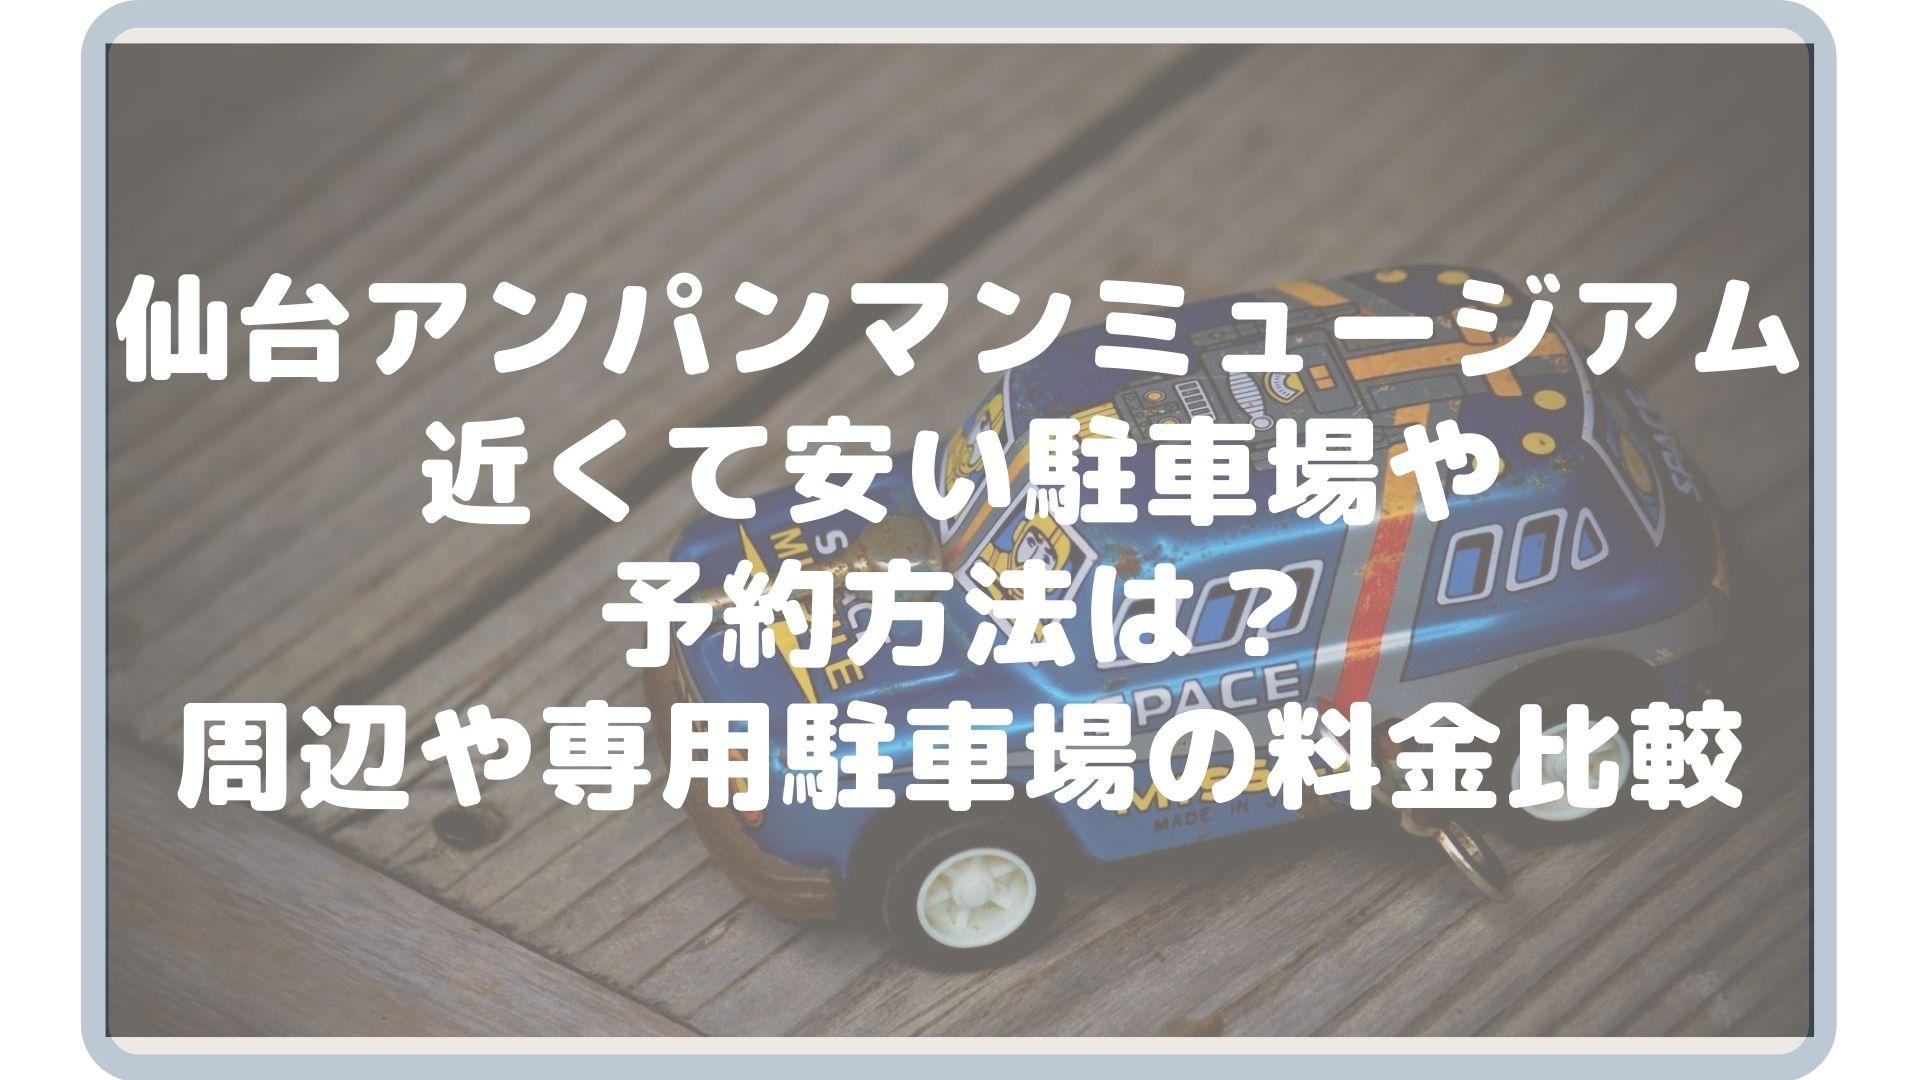 【最新】仙台アンパンマンミュージアム付近の近くて安い駐車場や予約方法は?周辺や専用駐車場の料金比較タイトル画像